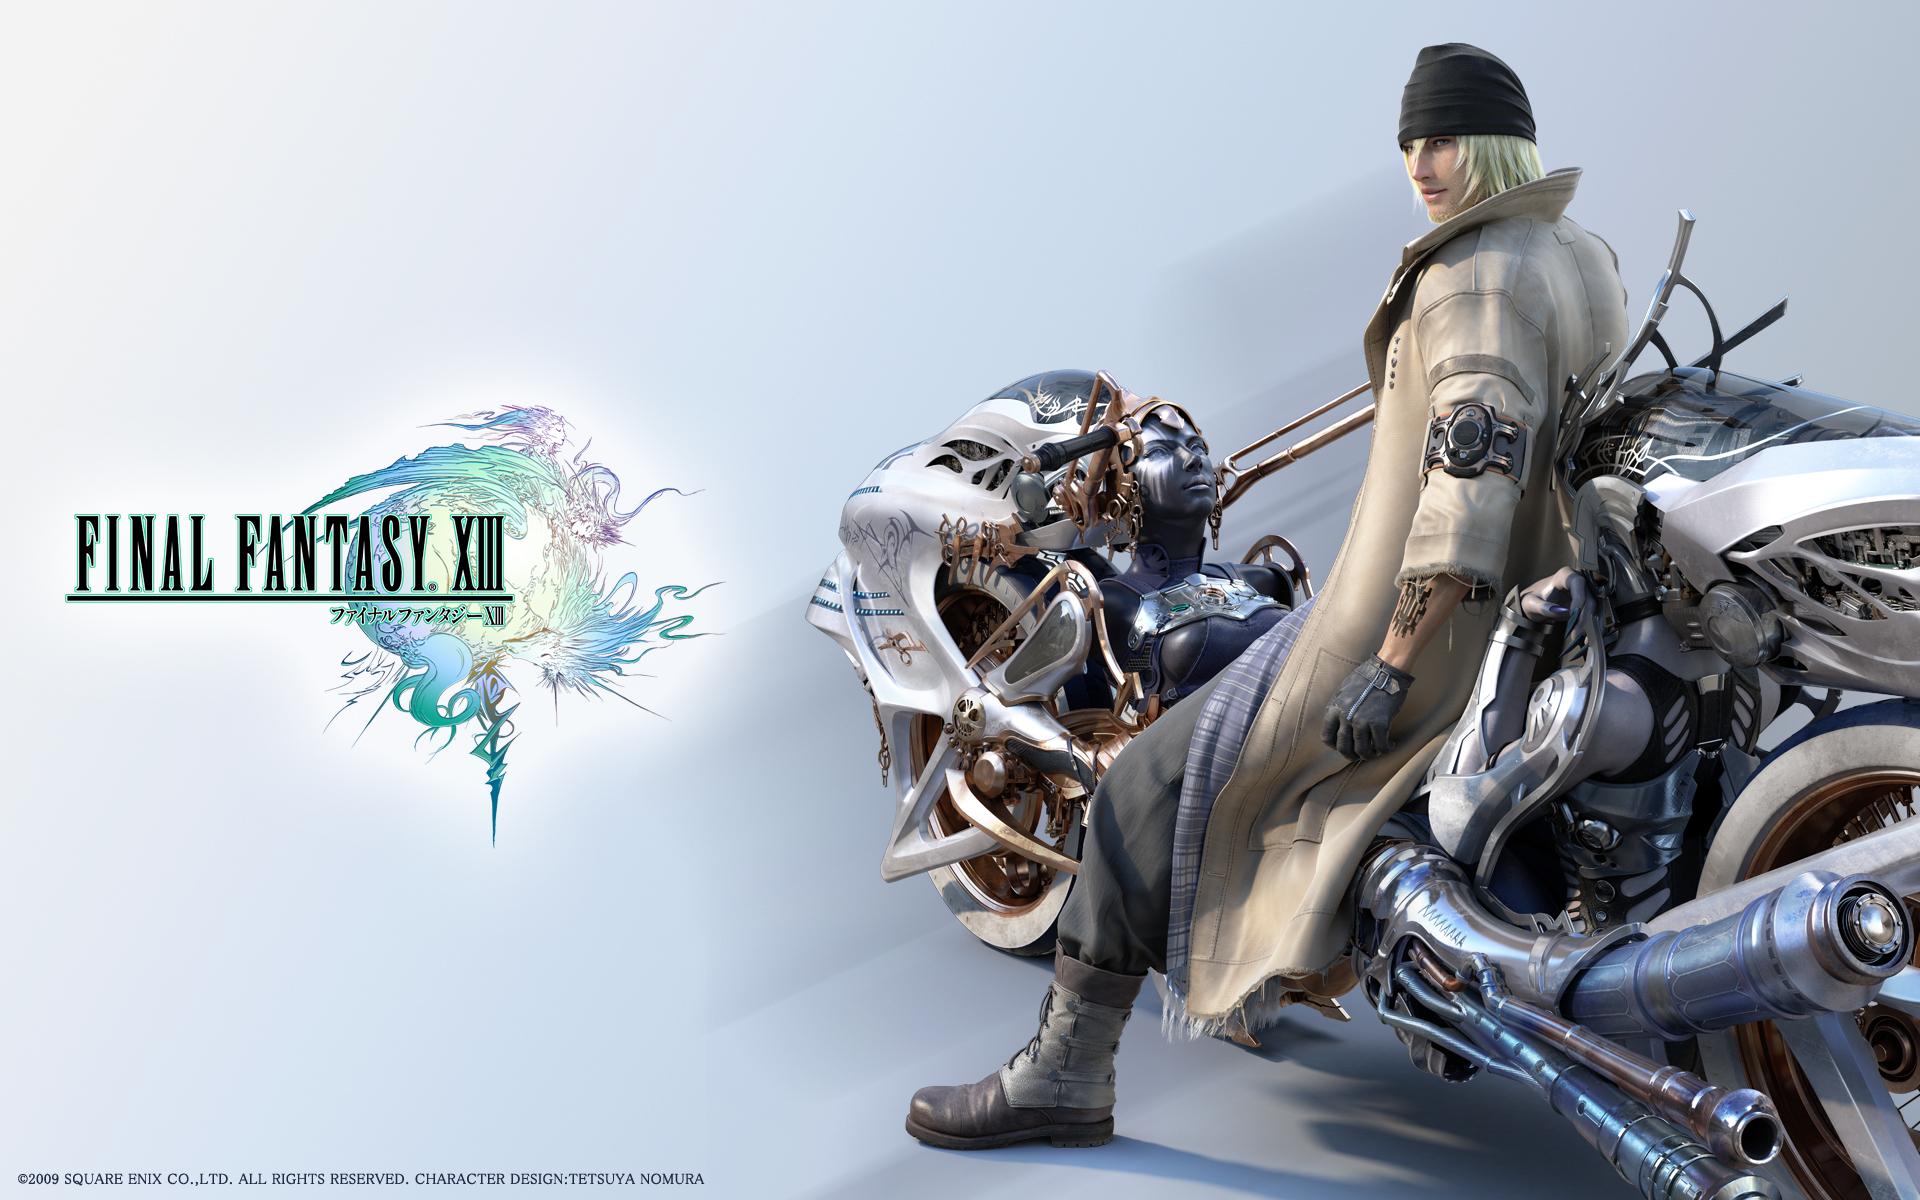 Final Fantasy XIII Snow   3 1920x1200